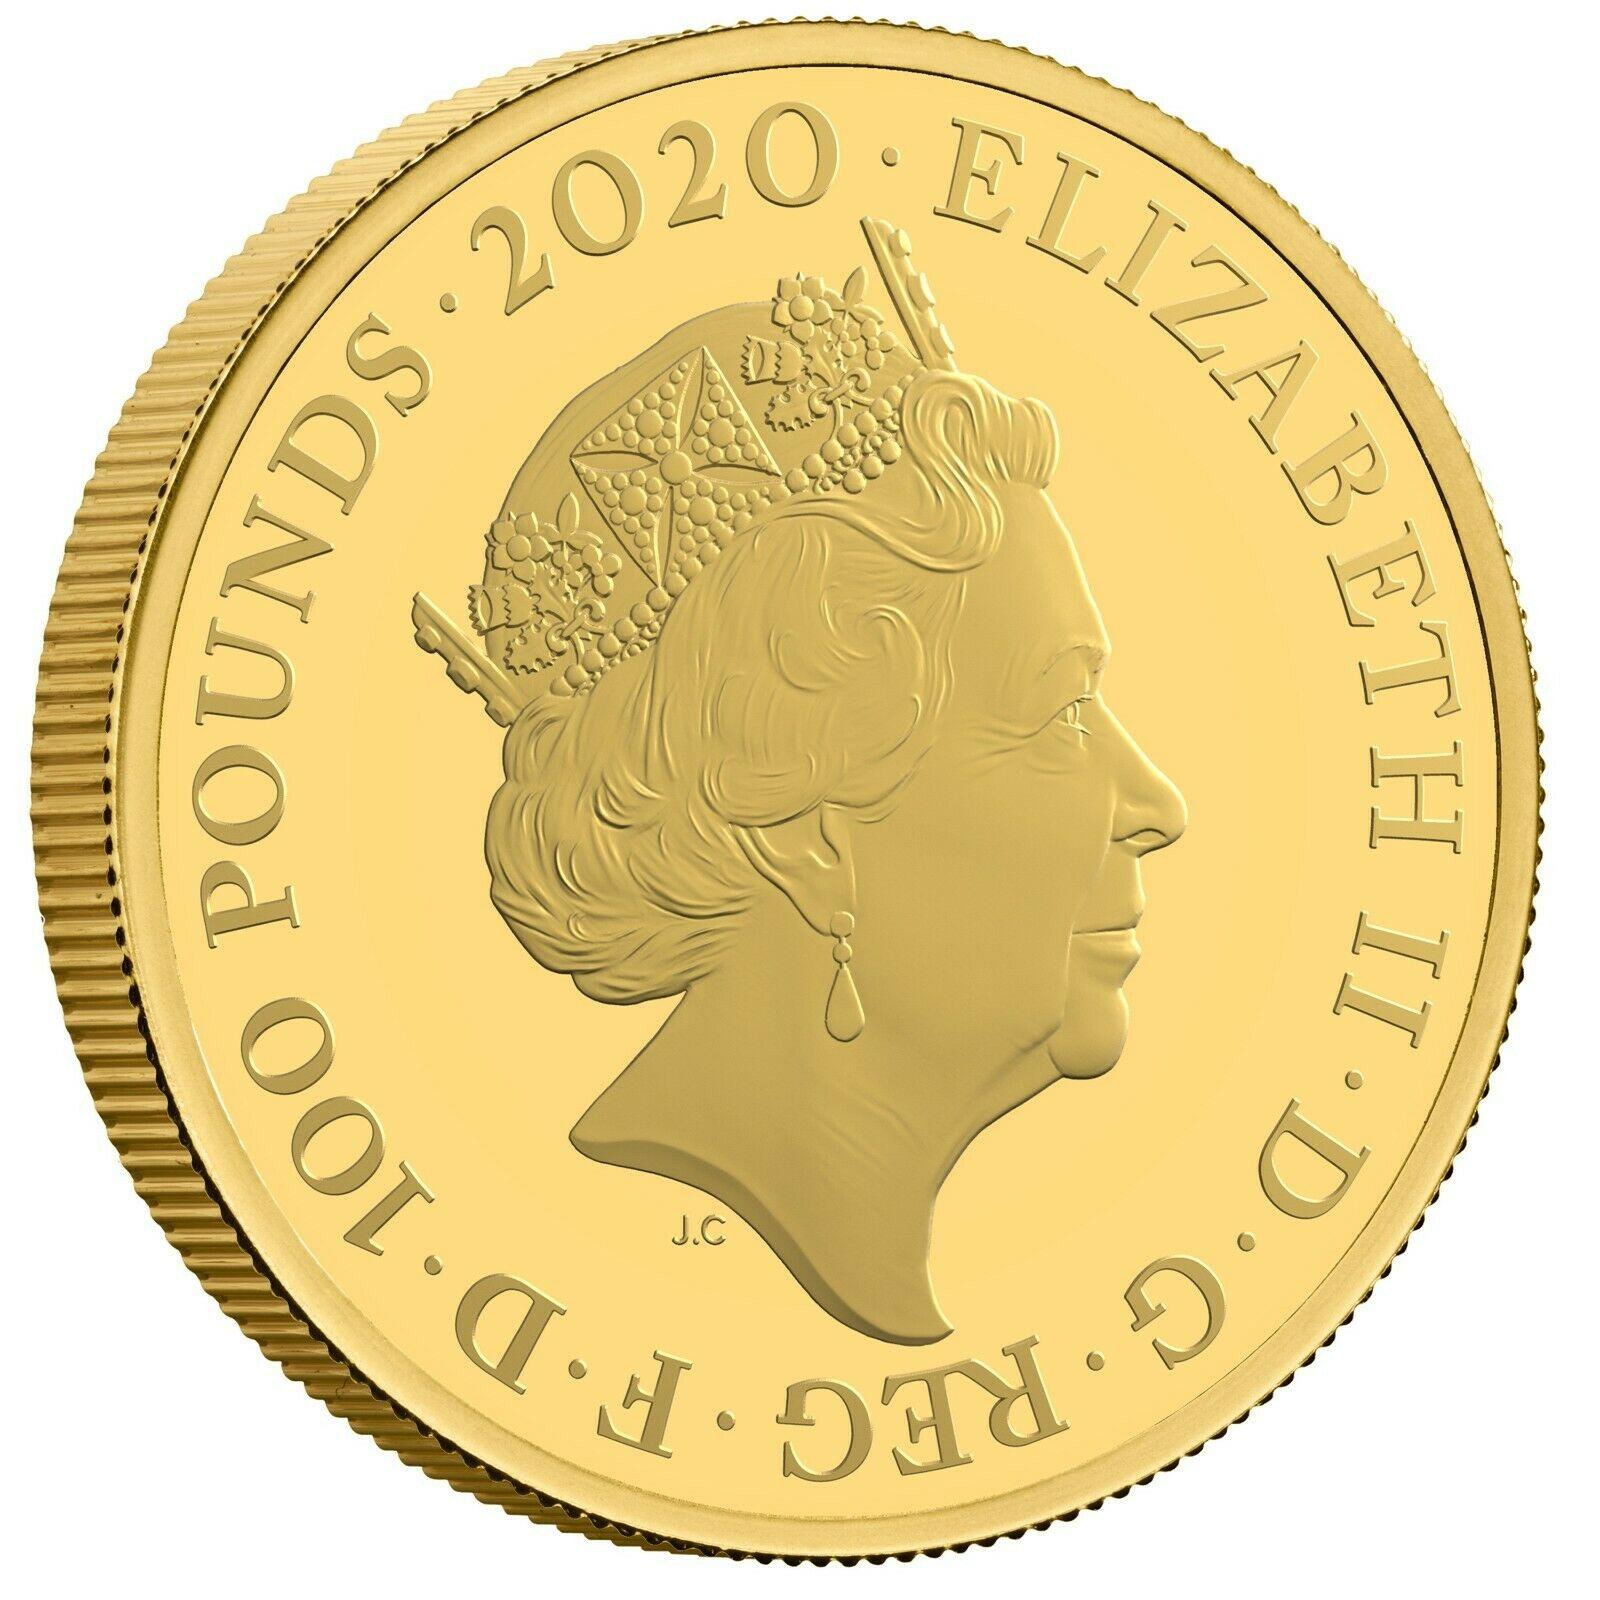 グレートブリテン2020年エリザベスII世100ポンド1オンスプルーフ金貨ジェームズボンド007箱付き